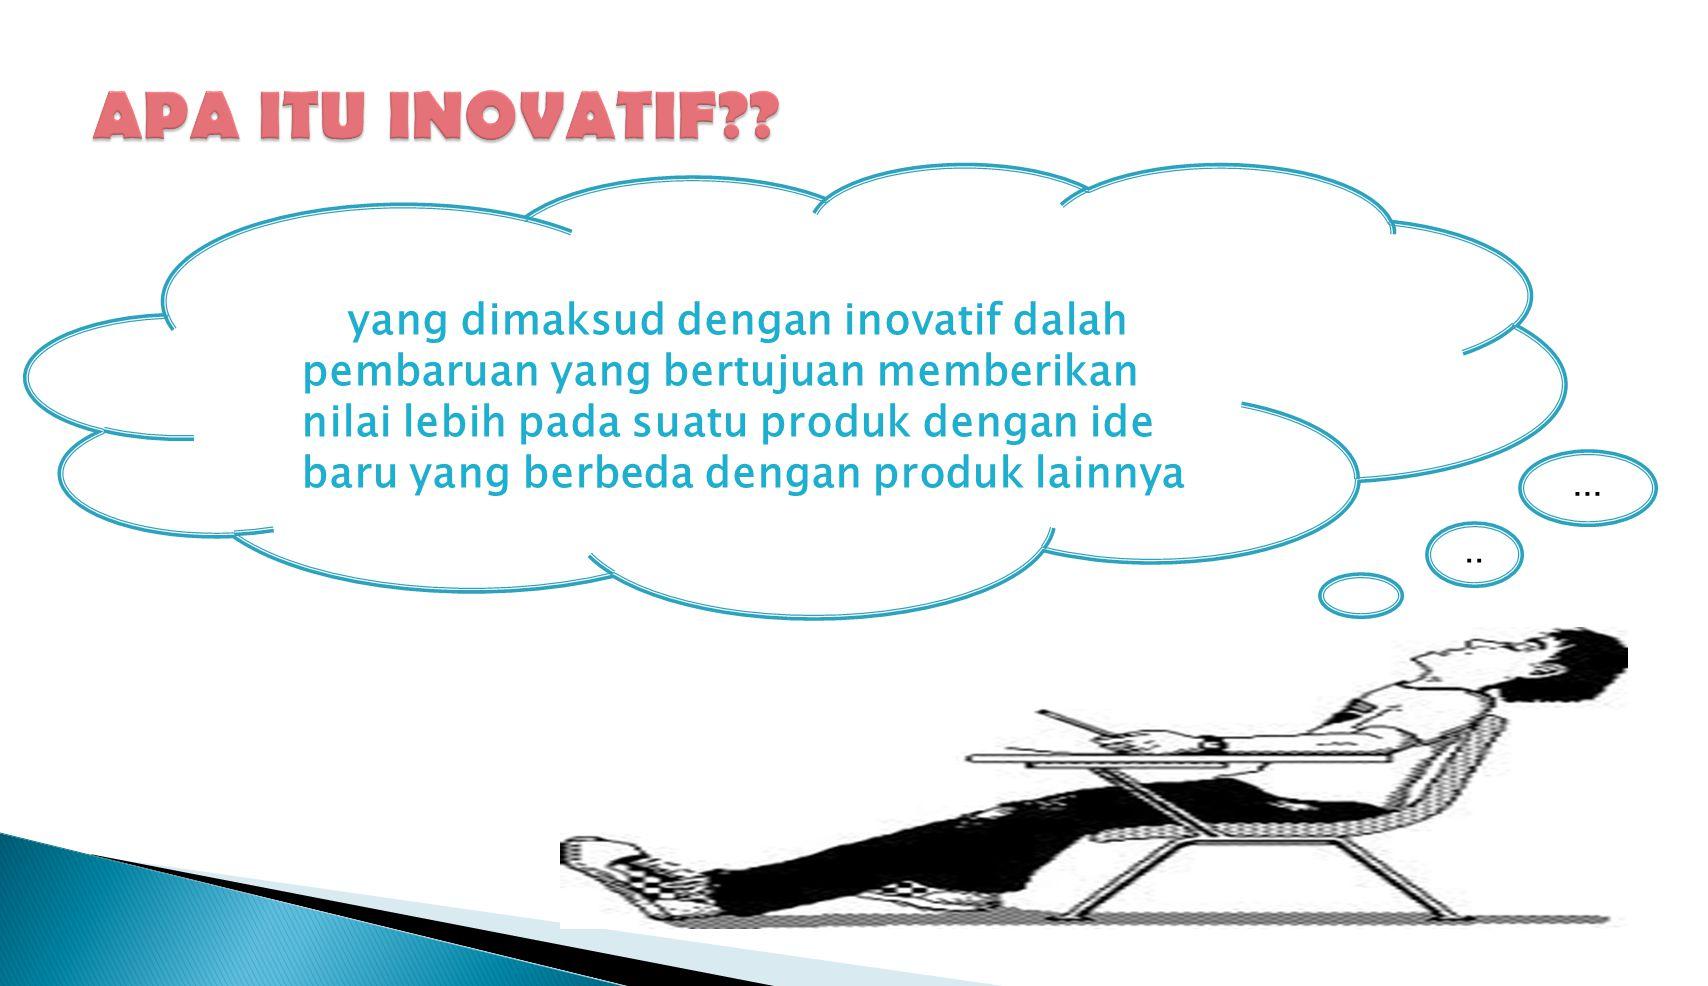 Lima jenis inovasi yang penting dilakukan pengusaha Lima jenis inovasi yang penting dilakukan pengusaha 1.